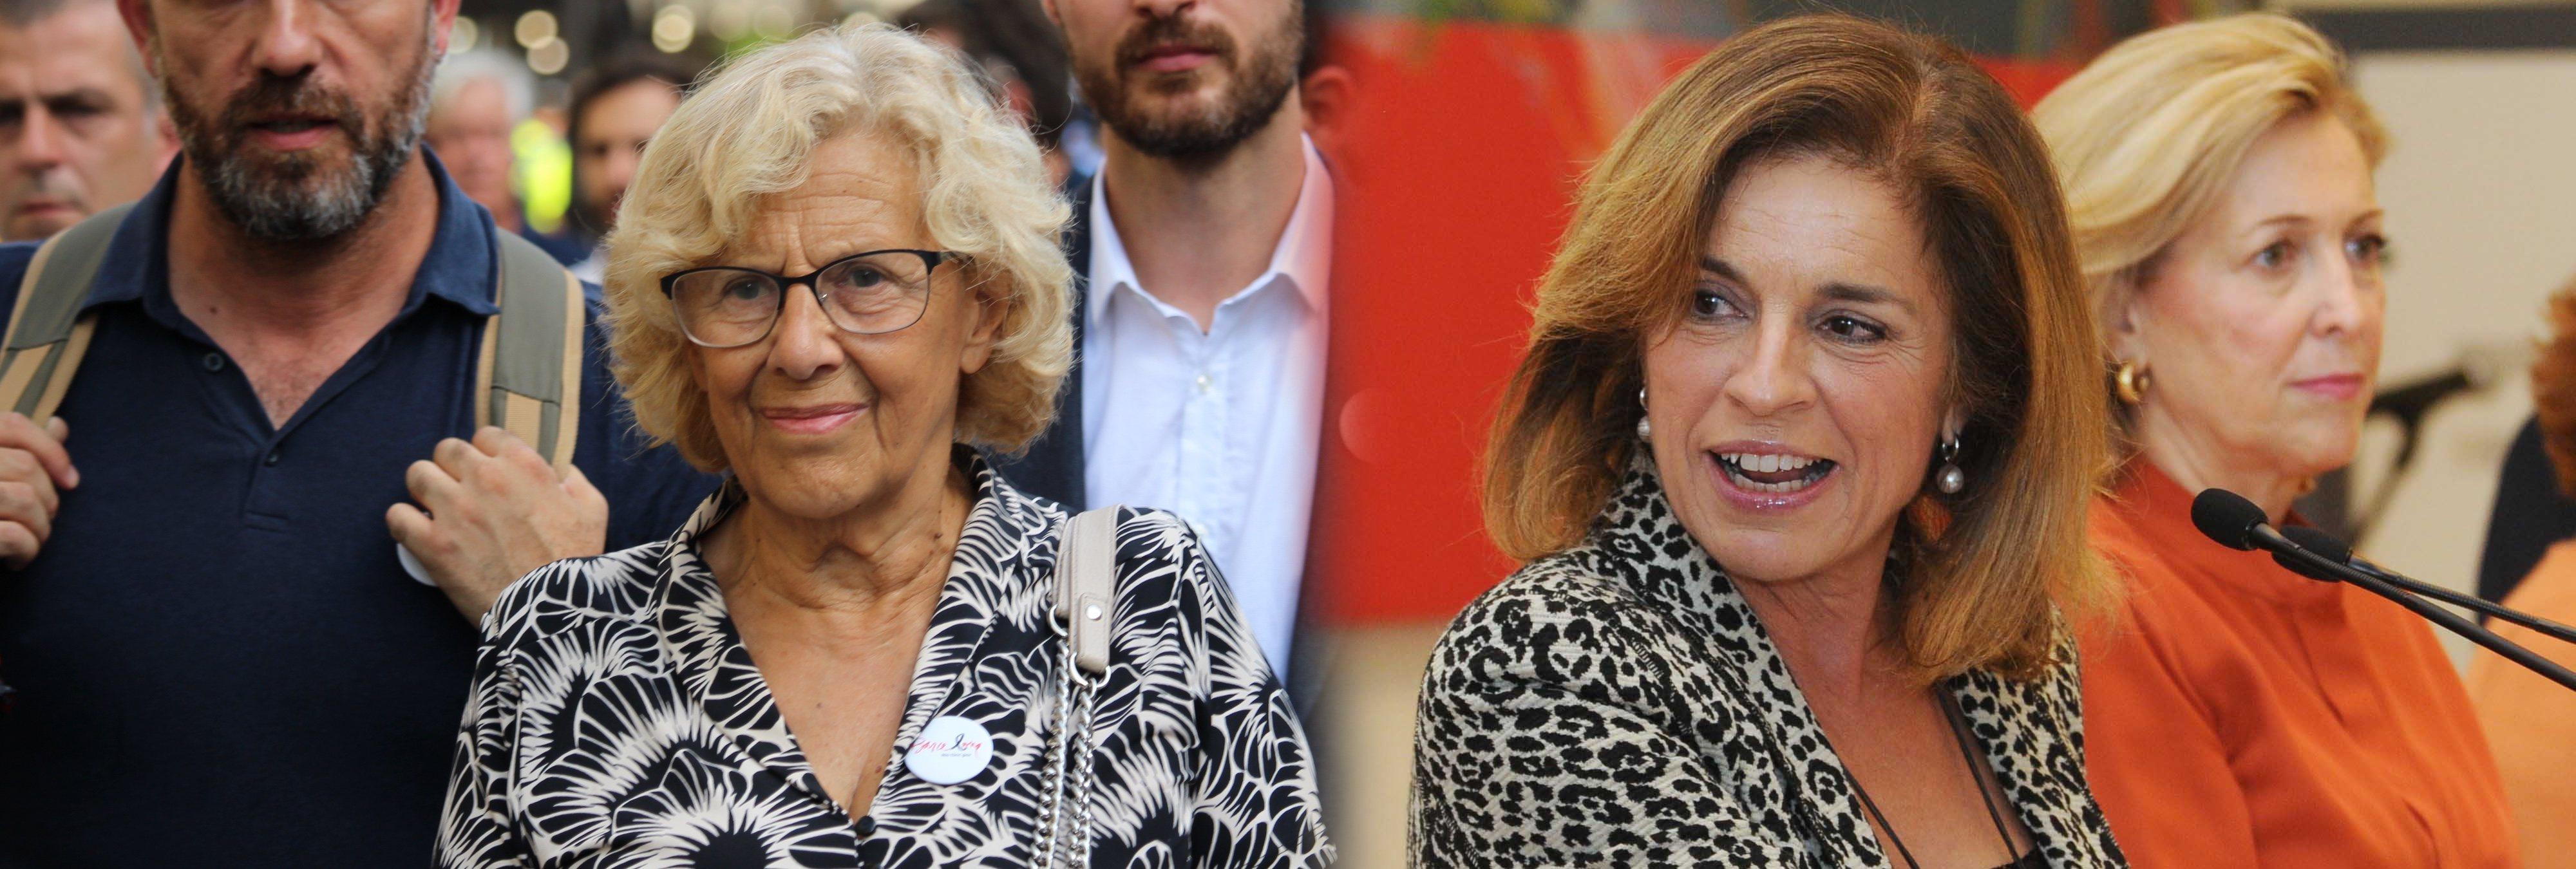 El PP elaboró el plan de cierre del tráfico en el centro de Madrid que ahora critica a Carmena